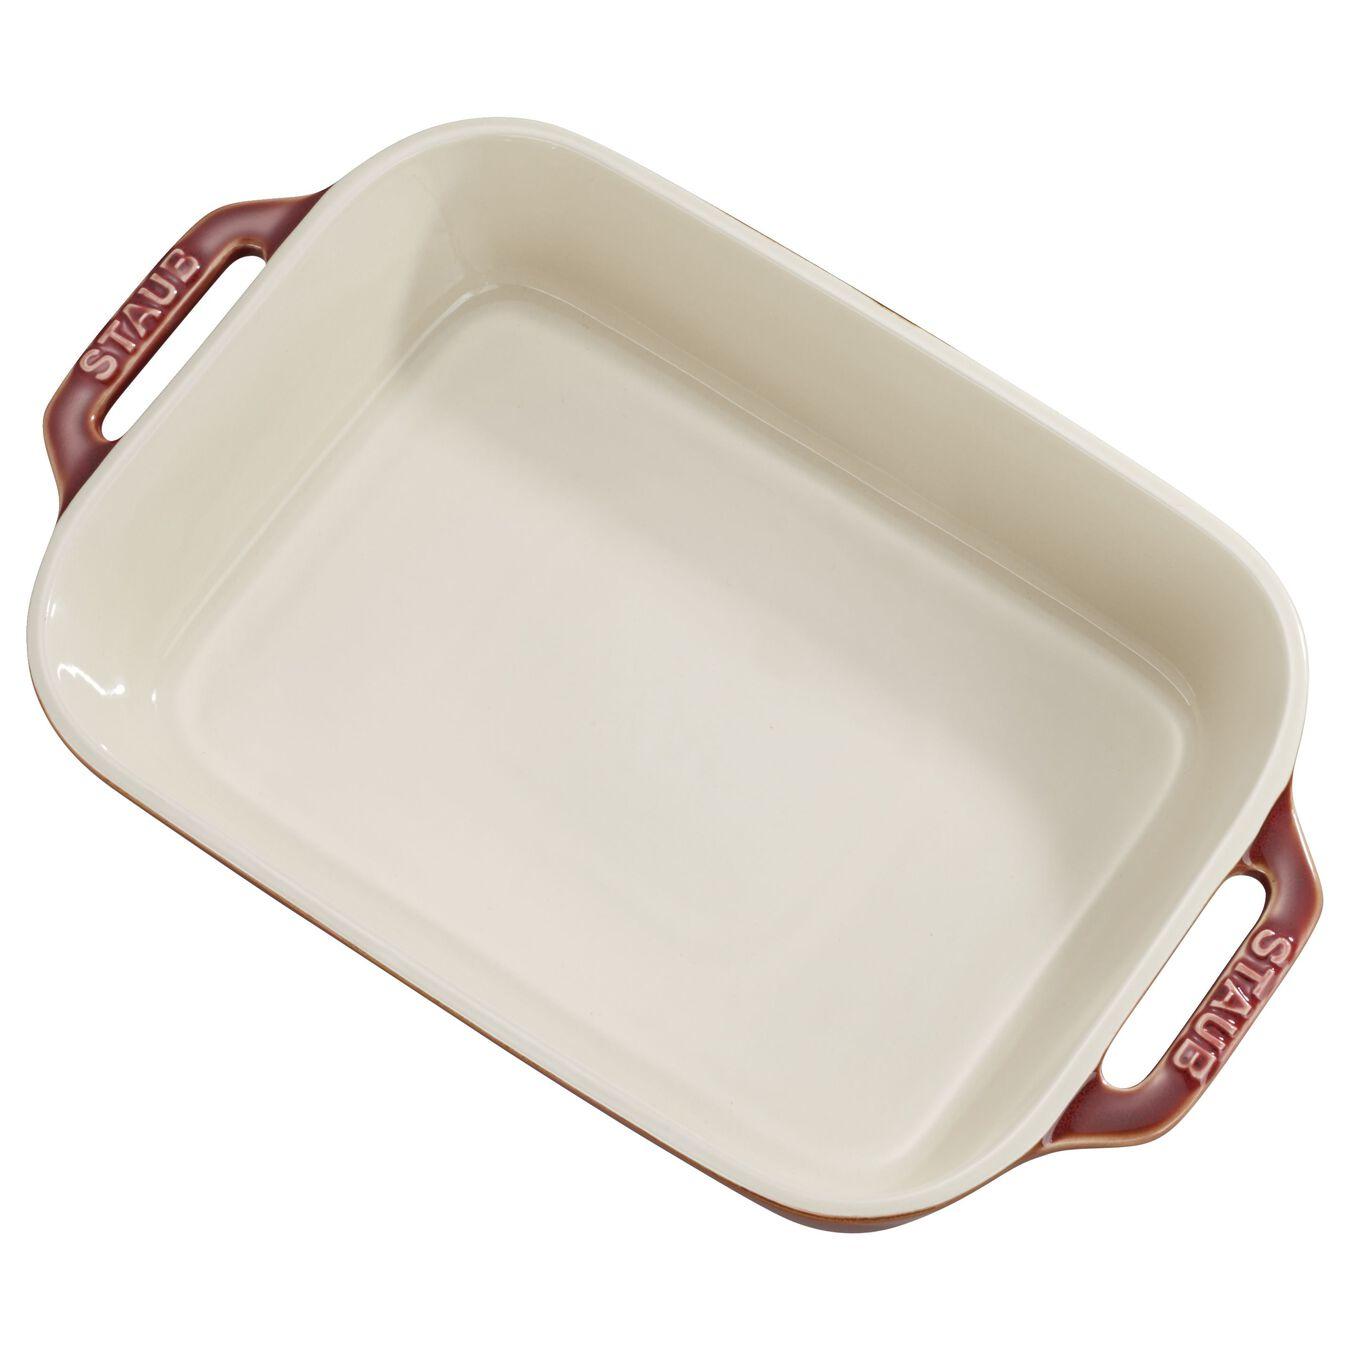 2-pc Rectangular Baking Dish Set - Rustic Red,,large 1